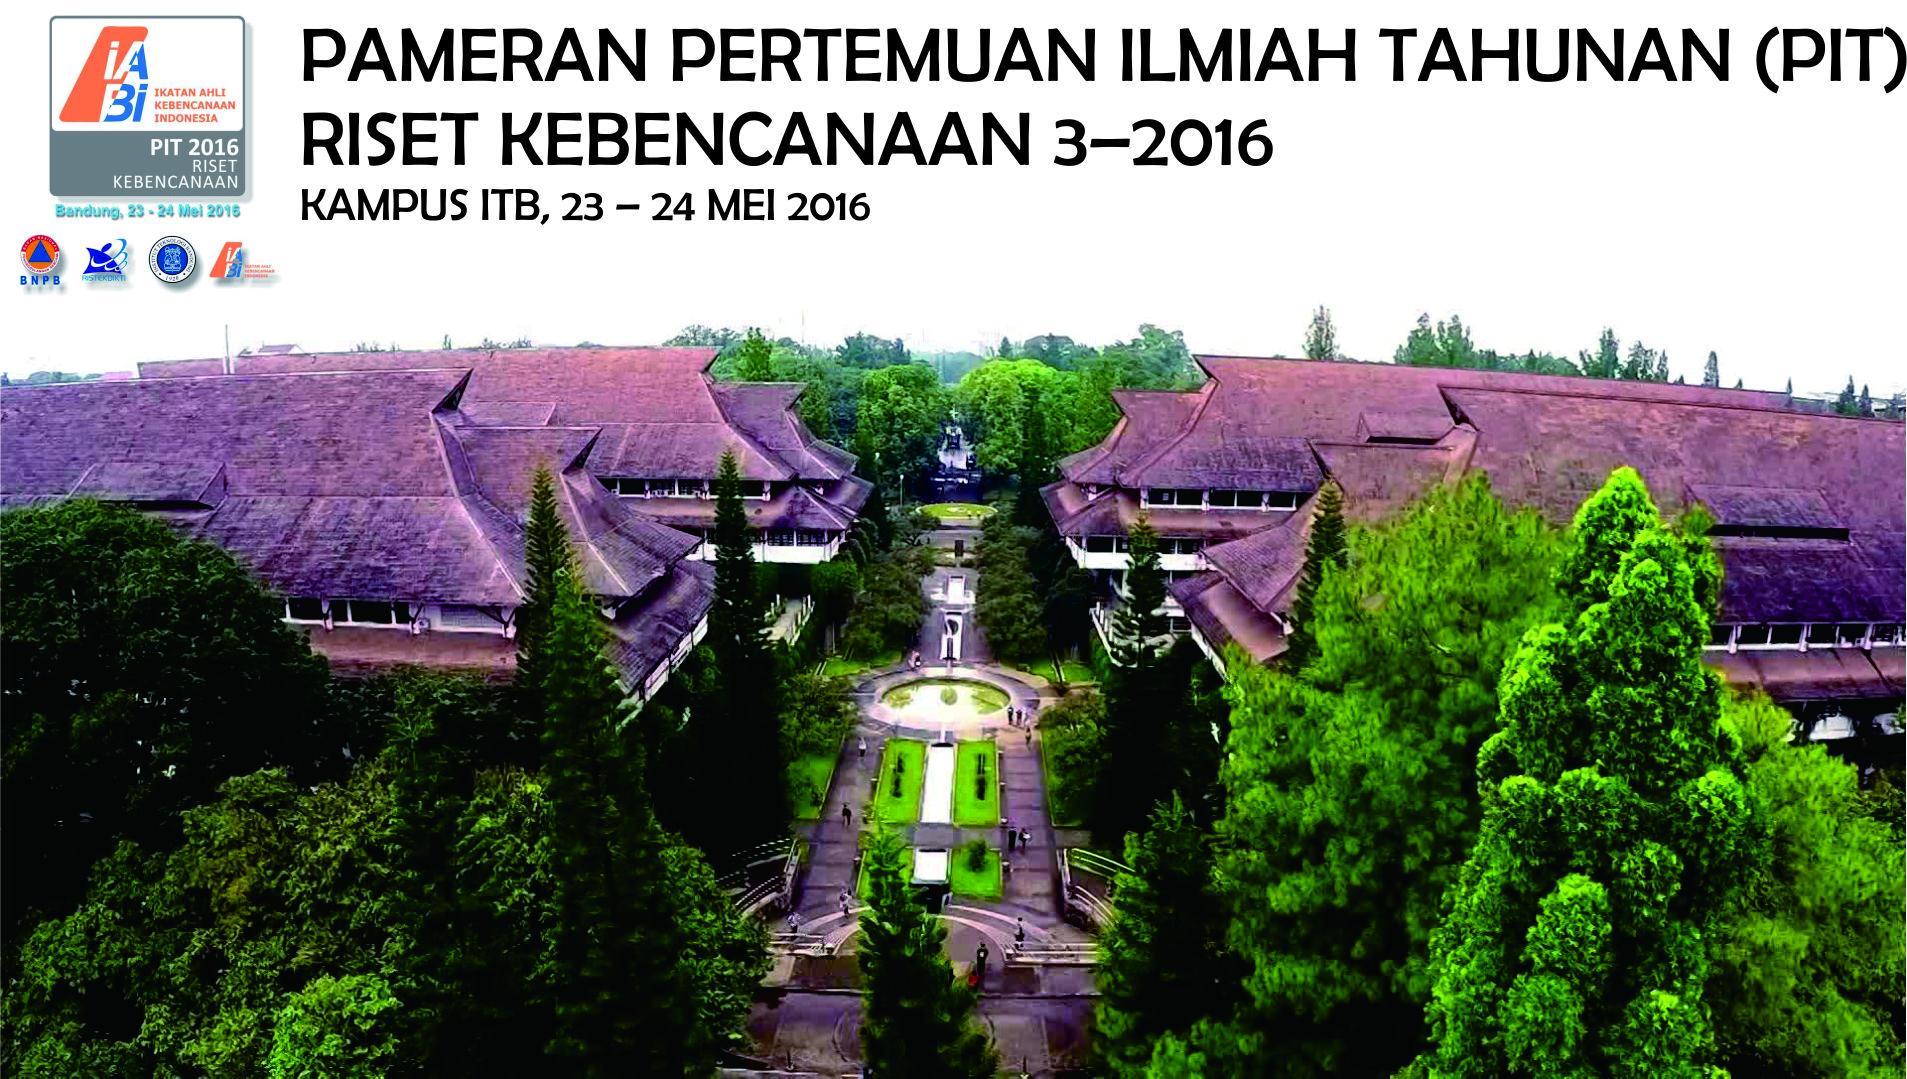 Pameran Pertemuan Ilmiah Tahunan (PIT) Riset Kebencanaan 3–2016 Kampus ITB, 23 – 24 Mei 2016